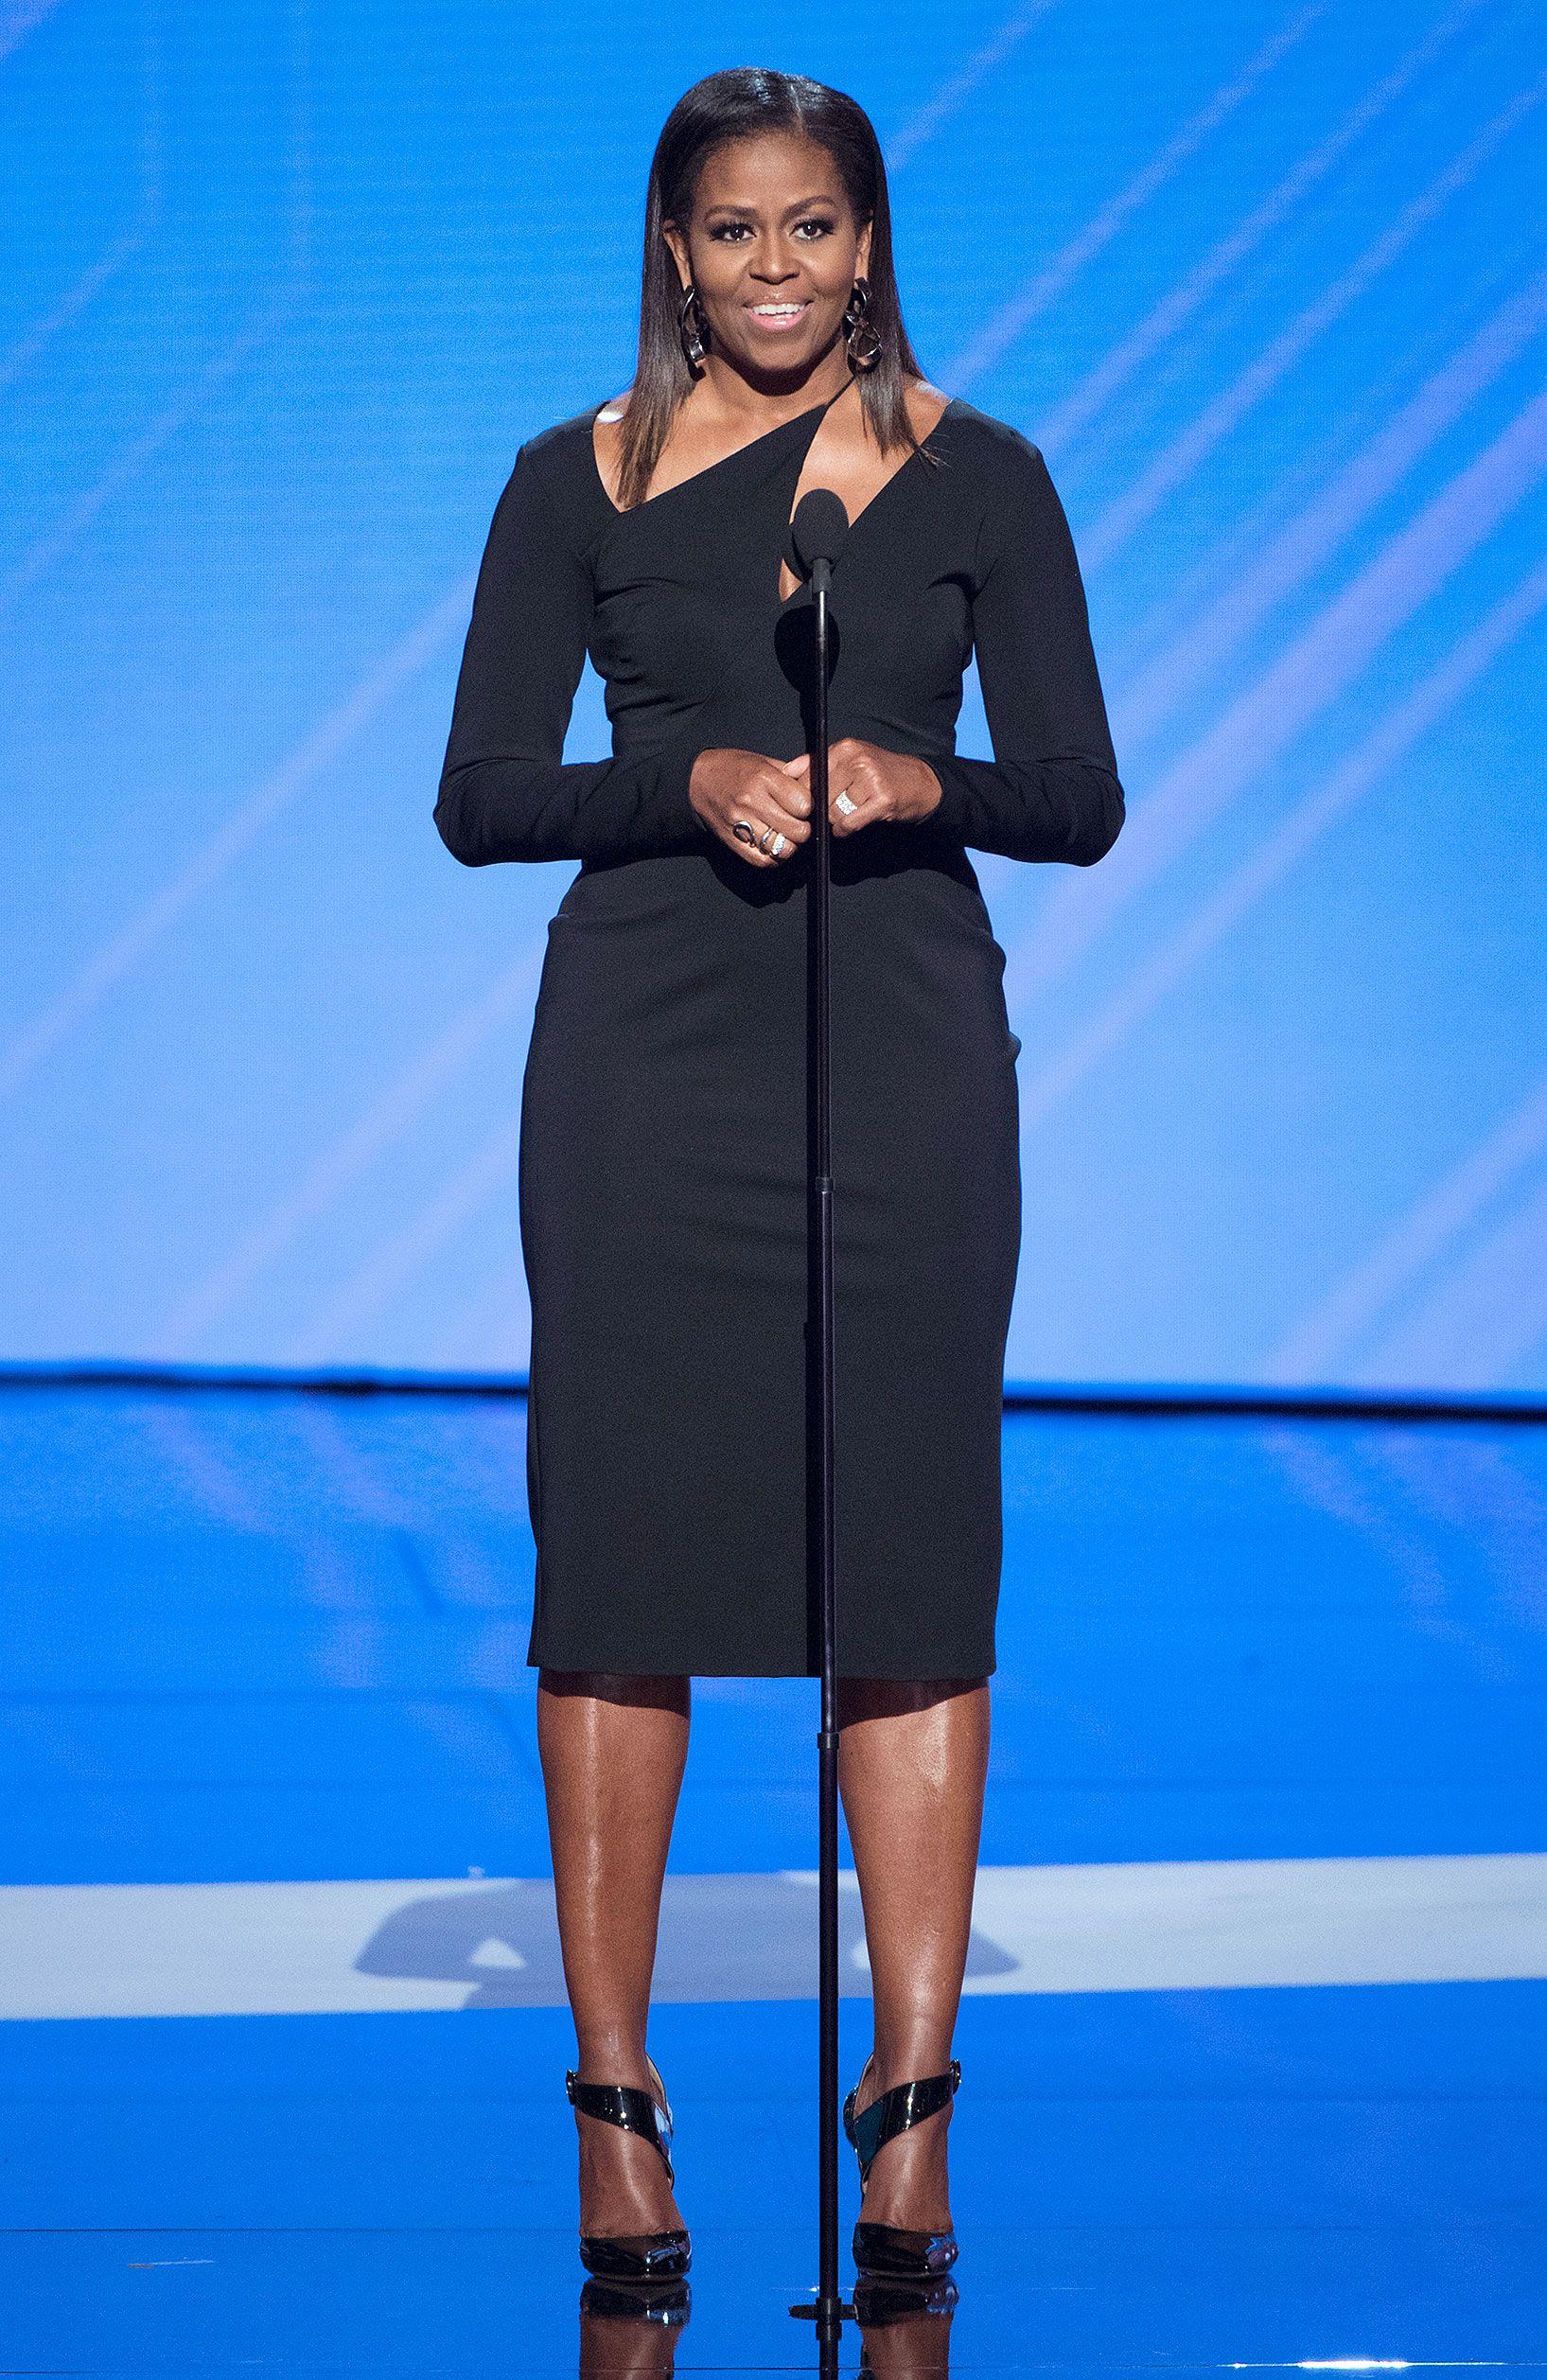 Pin de ASHLEEEEEEEE en Michelle Obama style | Pinterest